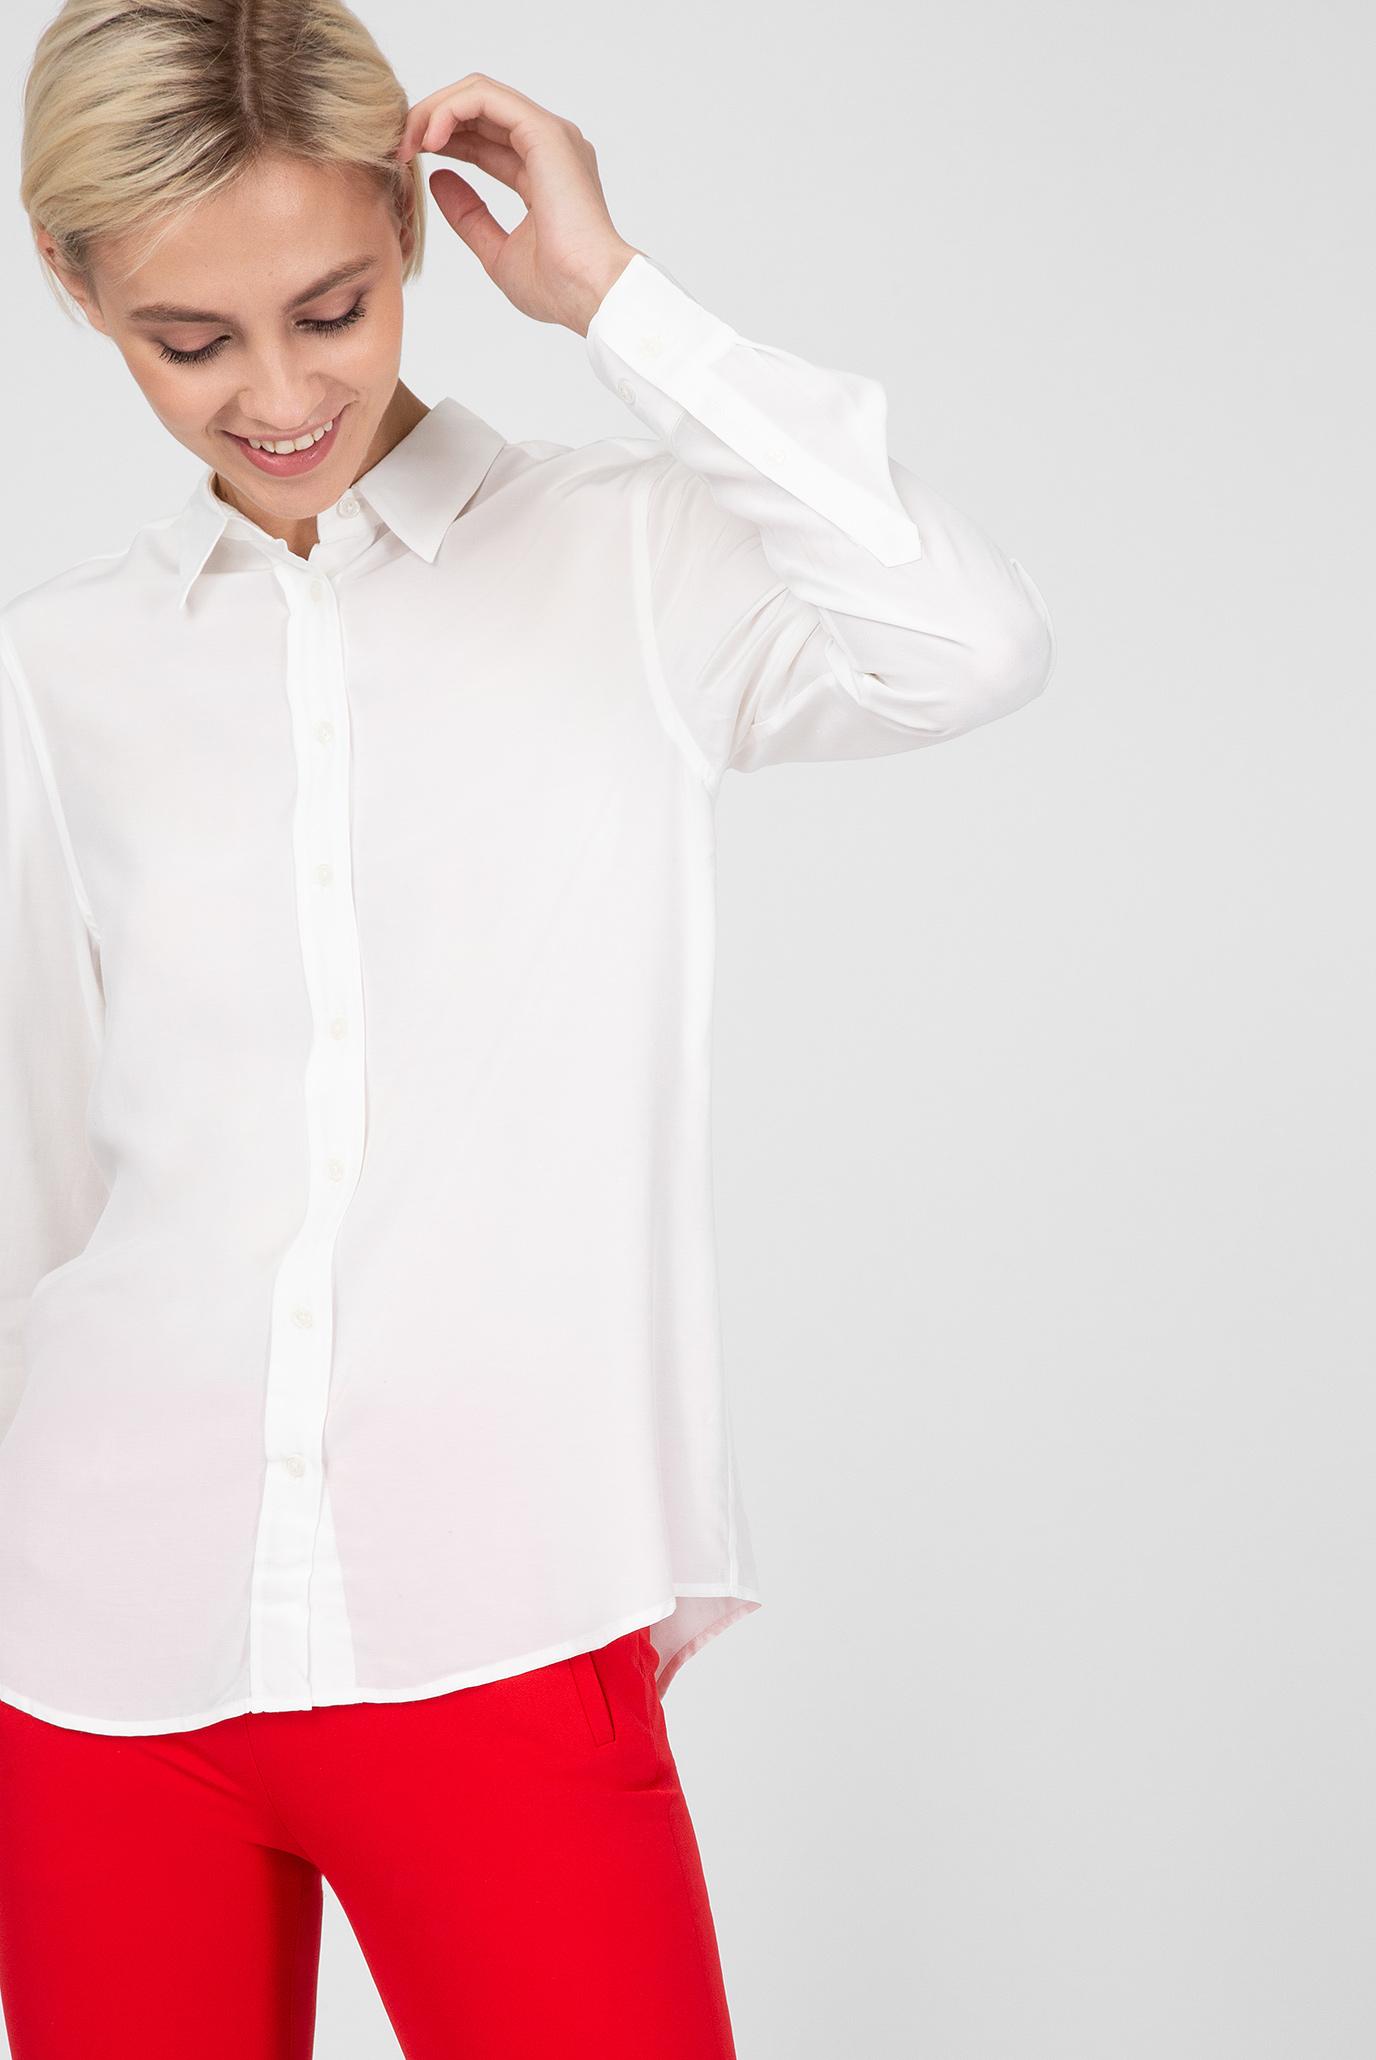 Купить Женская белая рубашка Gant Gant 4301060 – Киев, Украина. Цены в интернет магазине MD Fashion